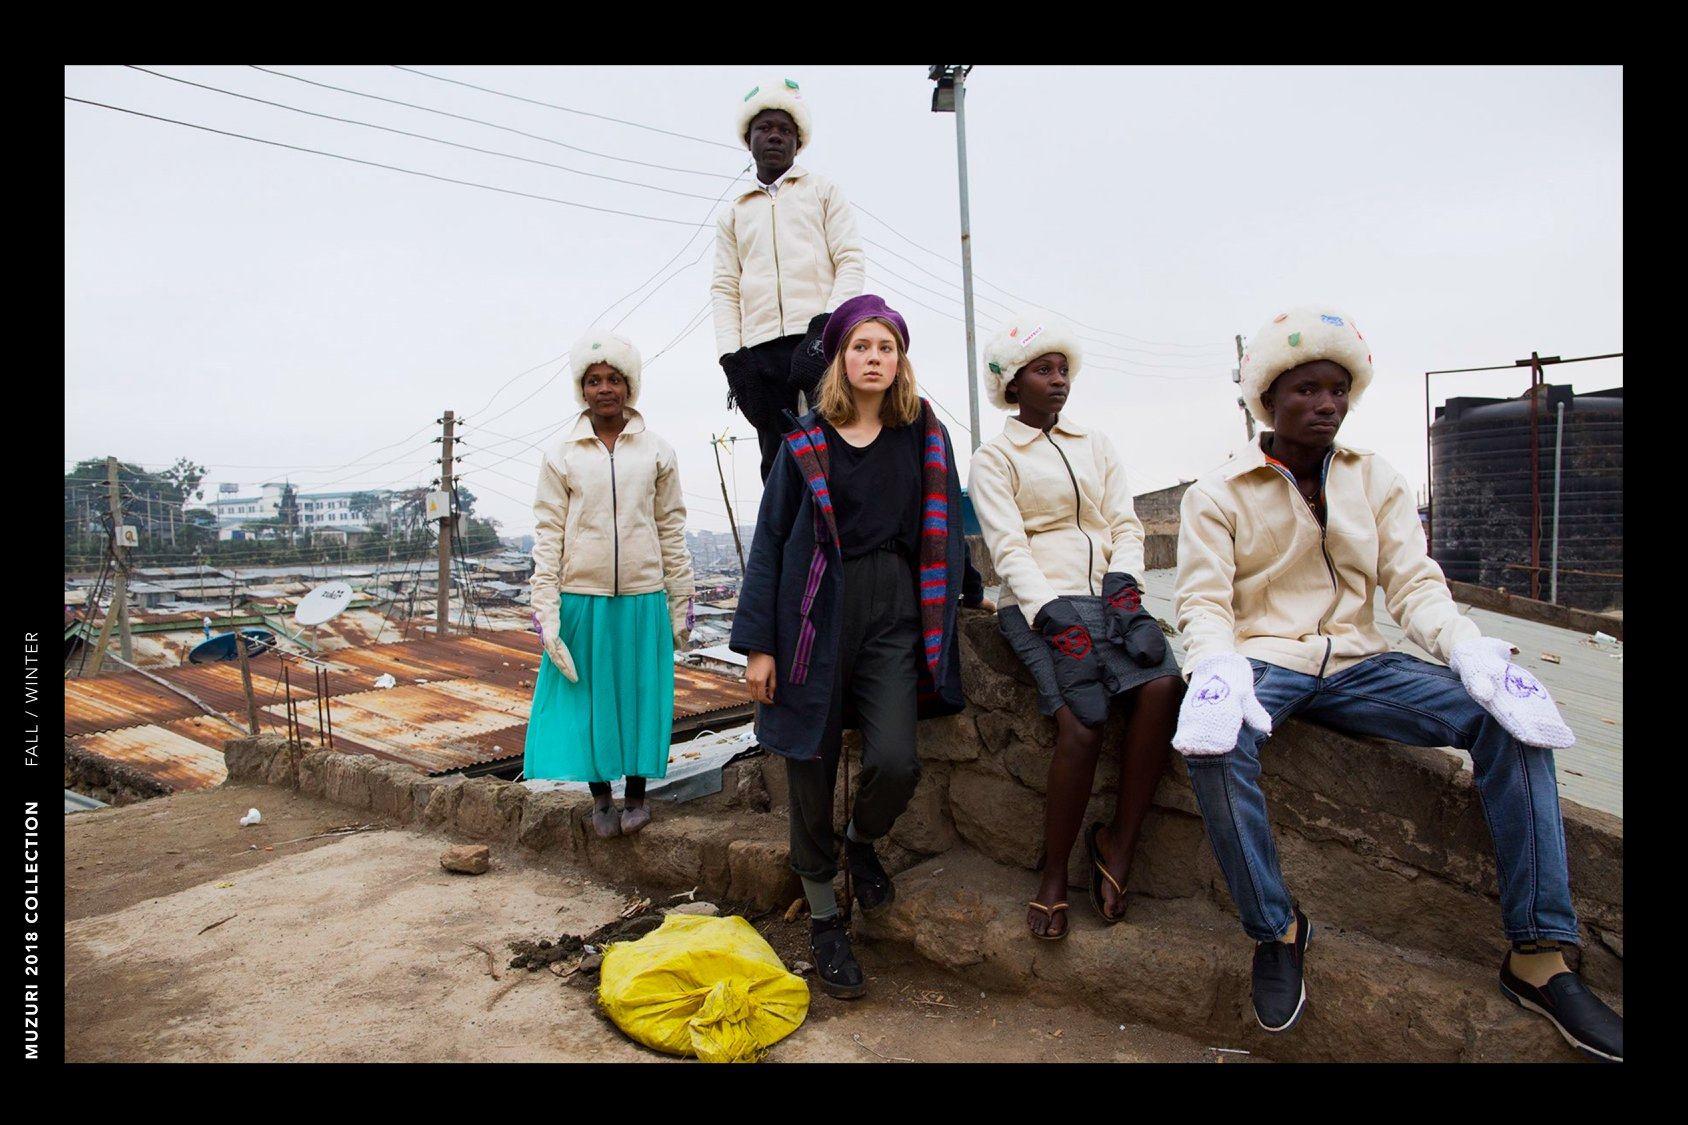 У Муніципальній галереї польська художниця розповість про культурний проект   у Кенії